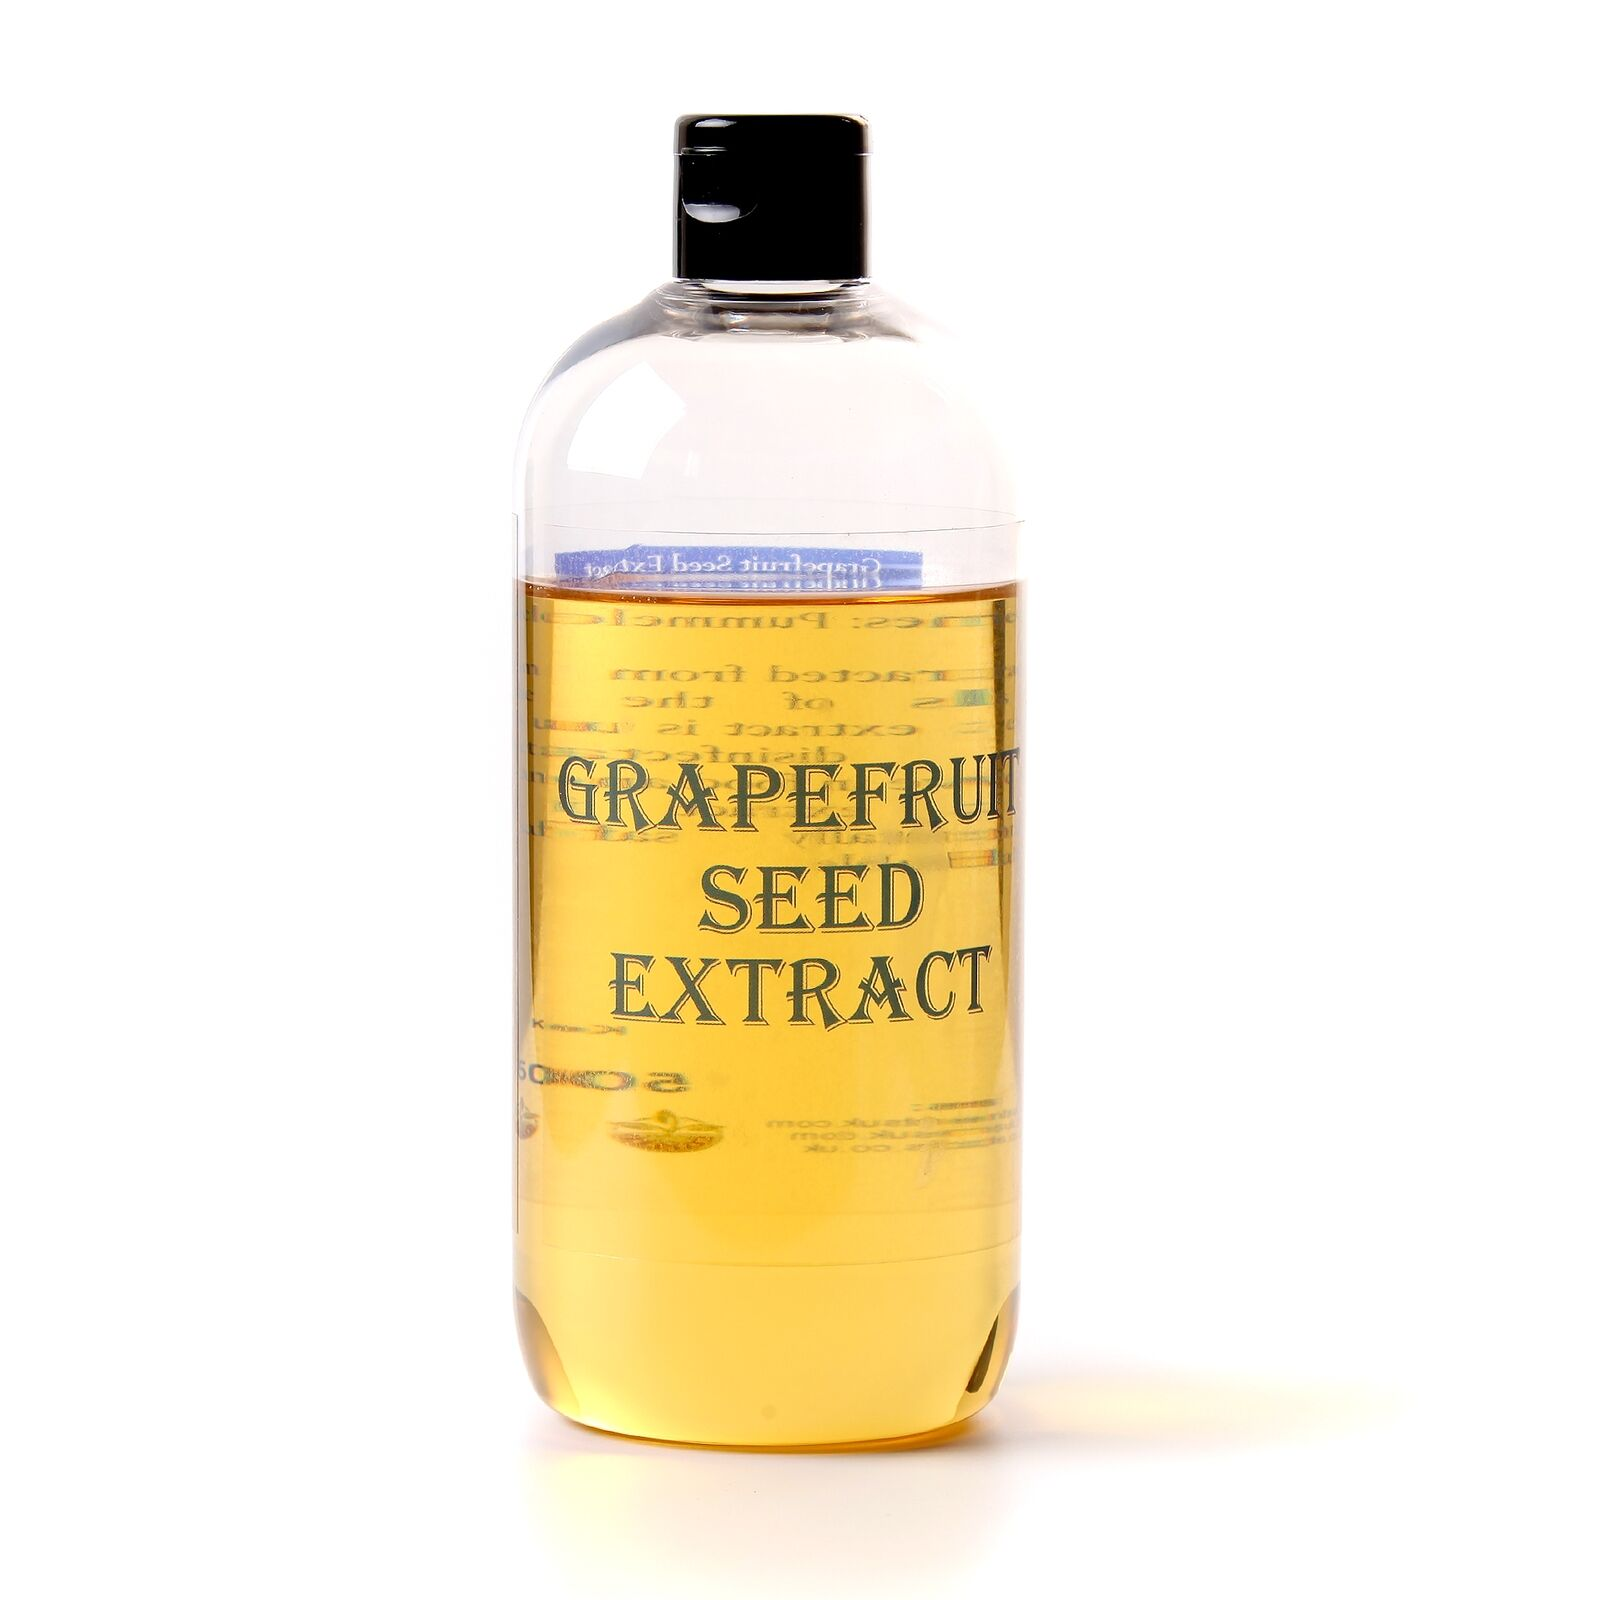 Pamplemousse Grain Extrait Extrait Extrait Anti-oxydant -500g RM500GRAPSEED ed3b99